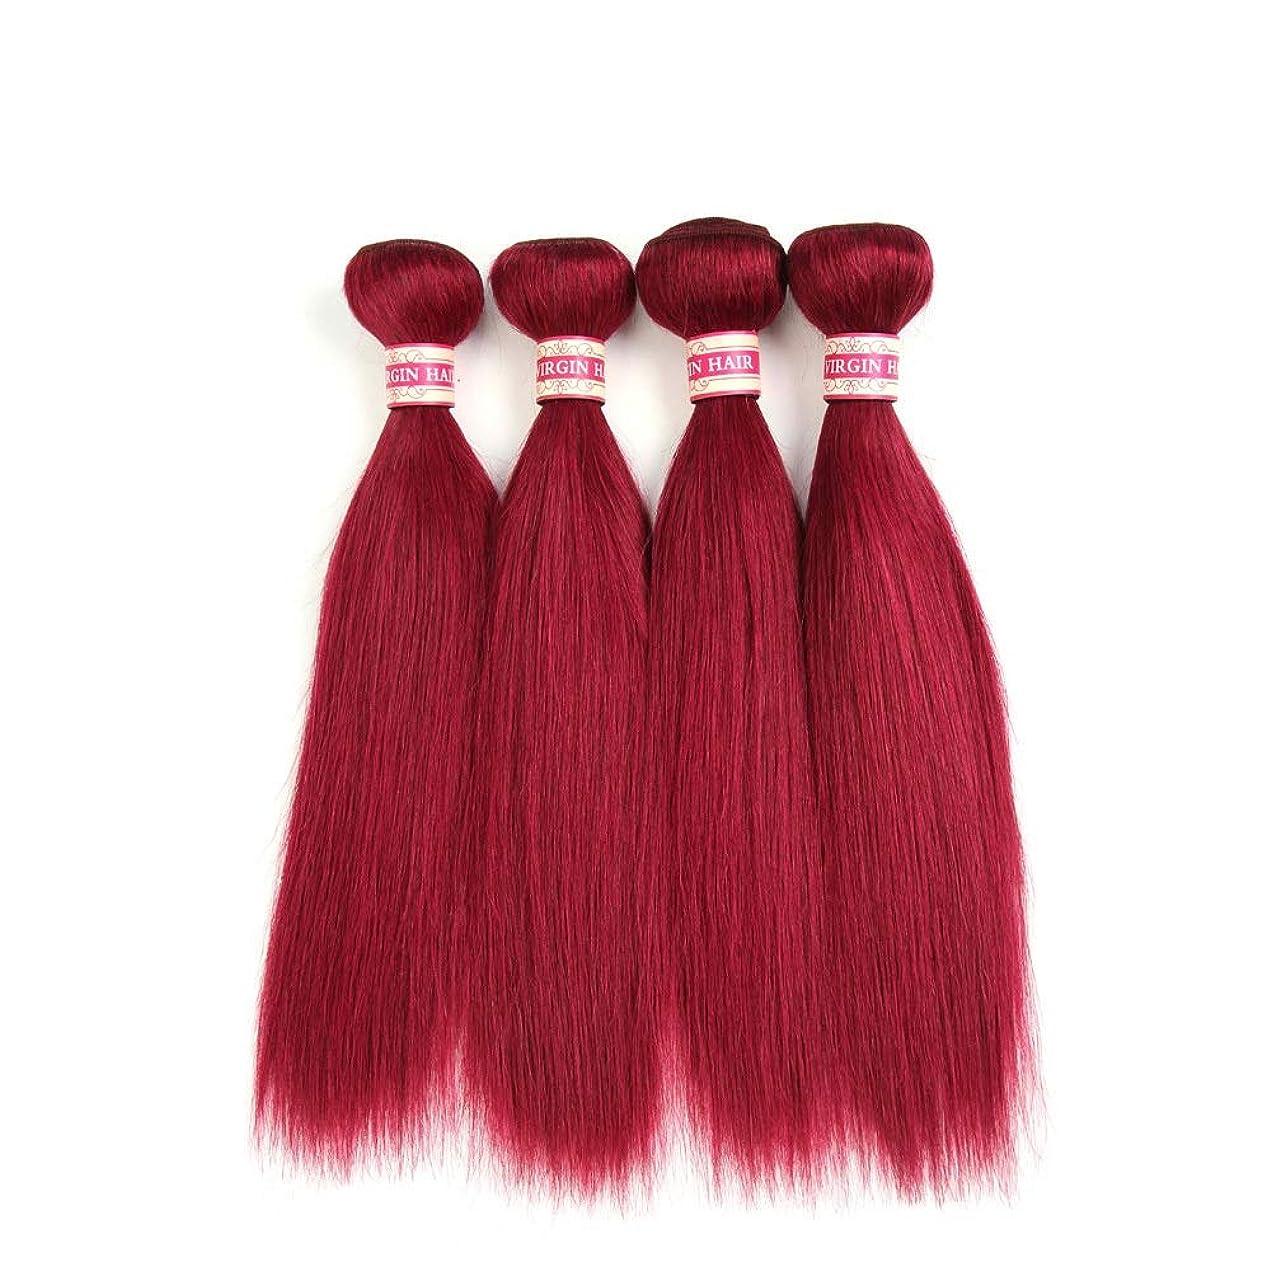 インディカ乱闘引き出すHOHYLLYA ブラジルストレートヘアバンドル未処理の人間の髪の毛の拡張子本物の人間の髪の毛#118ローズレッドカラー(8